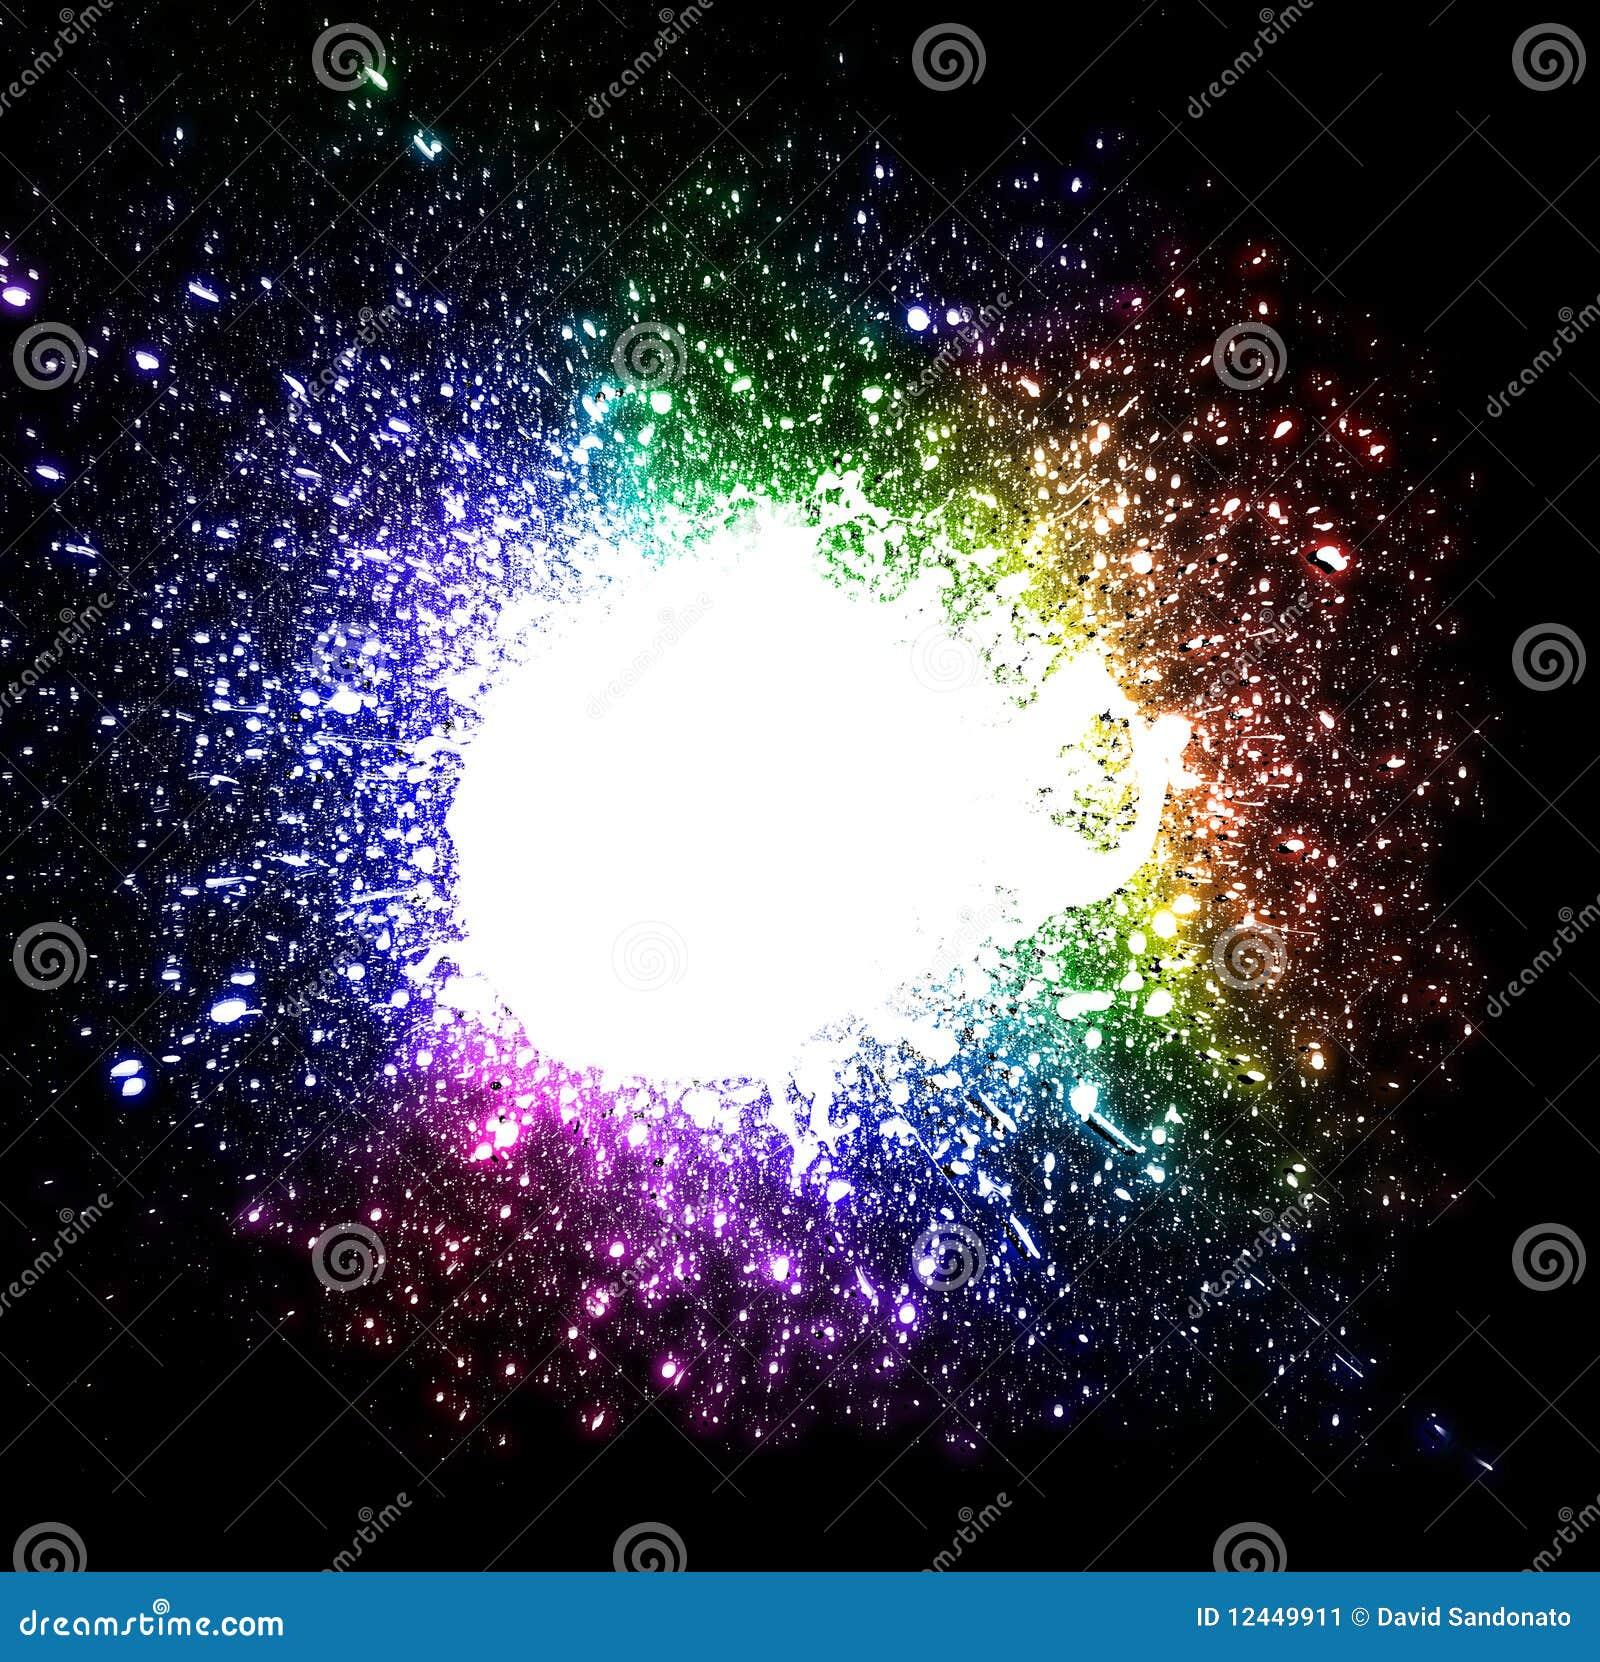 tropfen explosion hintergrund mit regenbogen farben stock abbildung bild 12449911. Black Bedroom Furniture Sets. Home Design Ideas